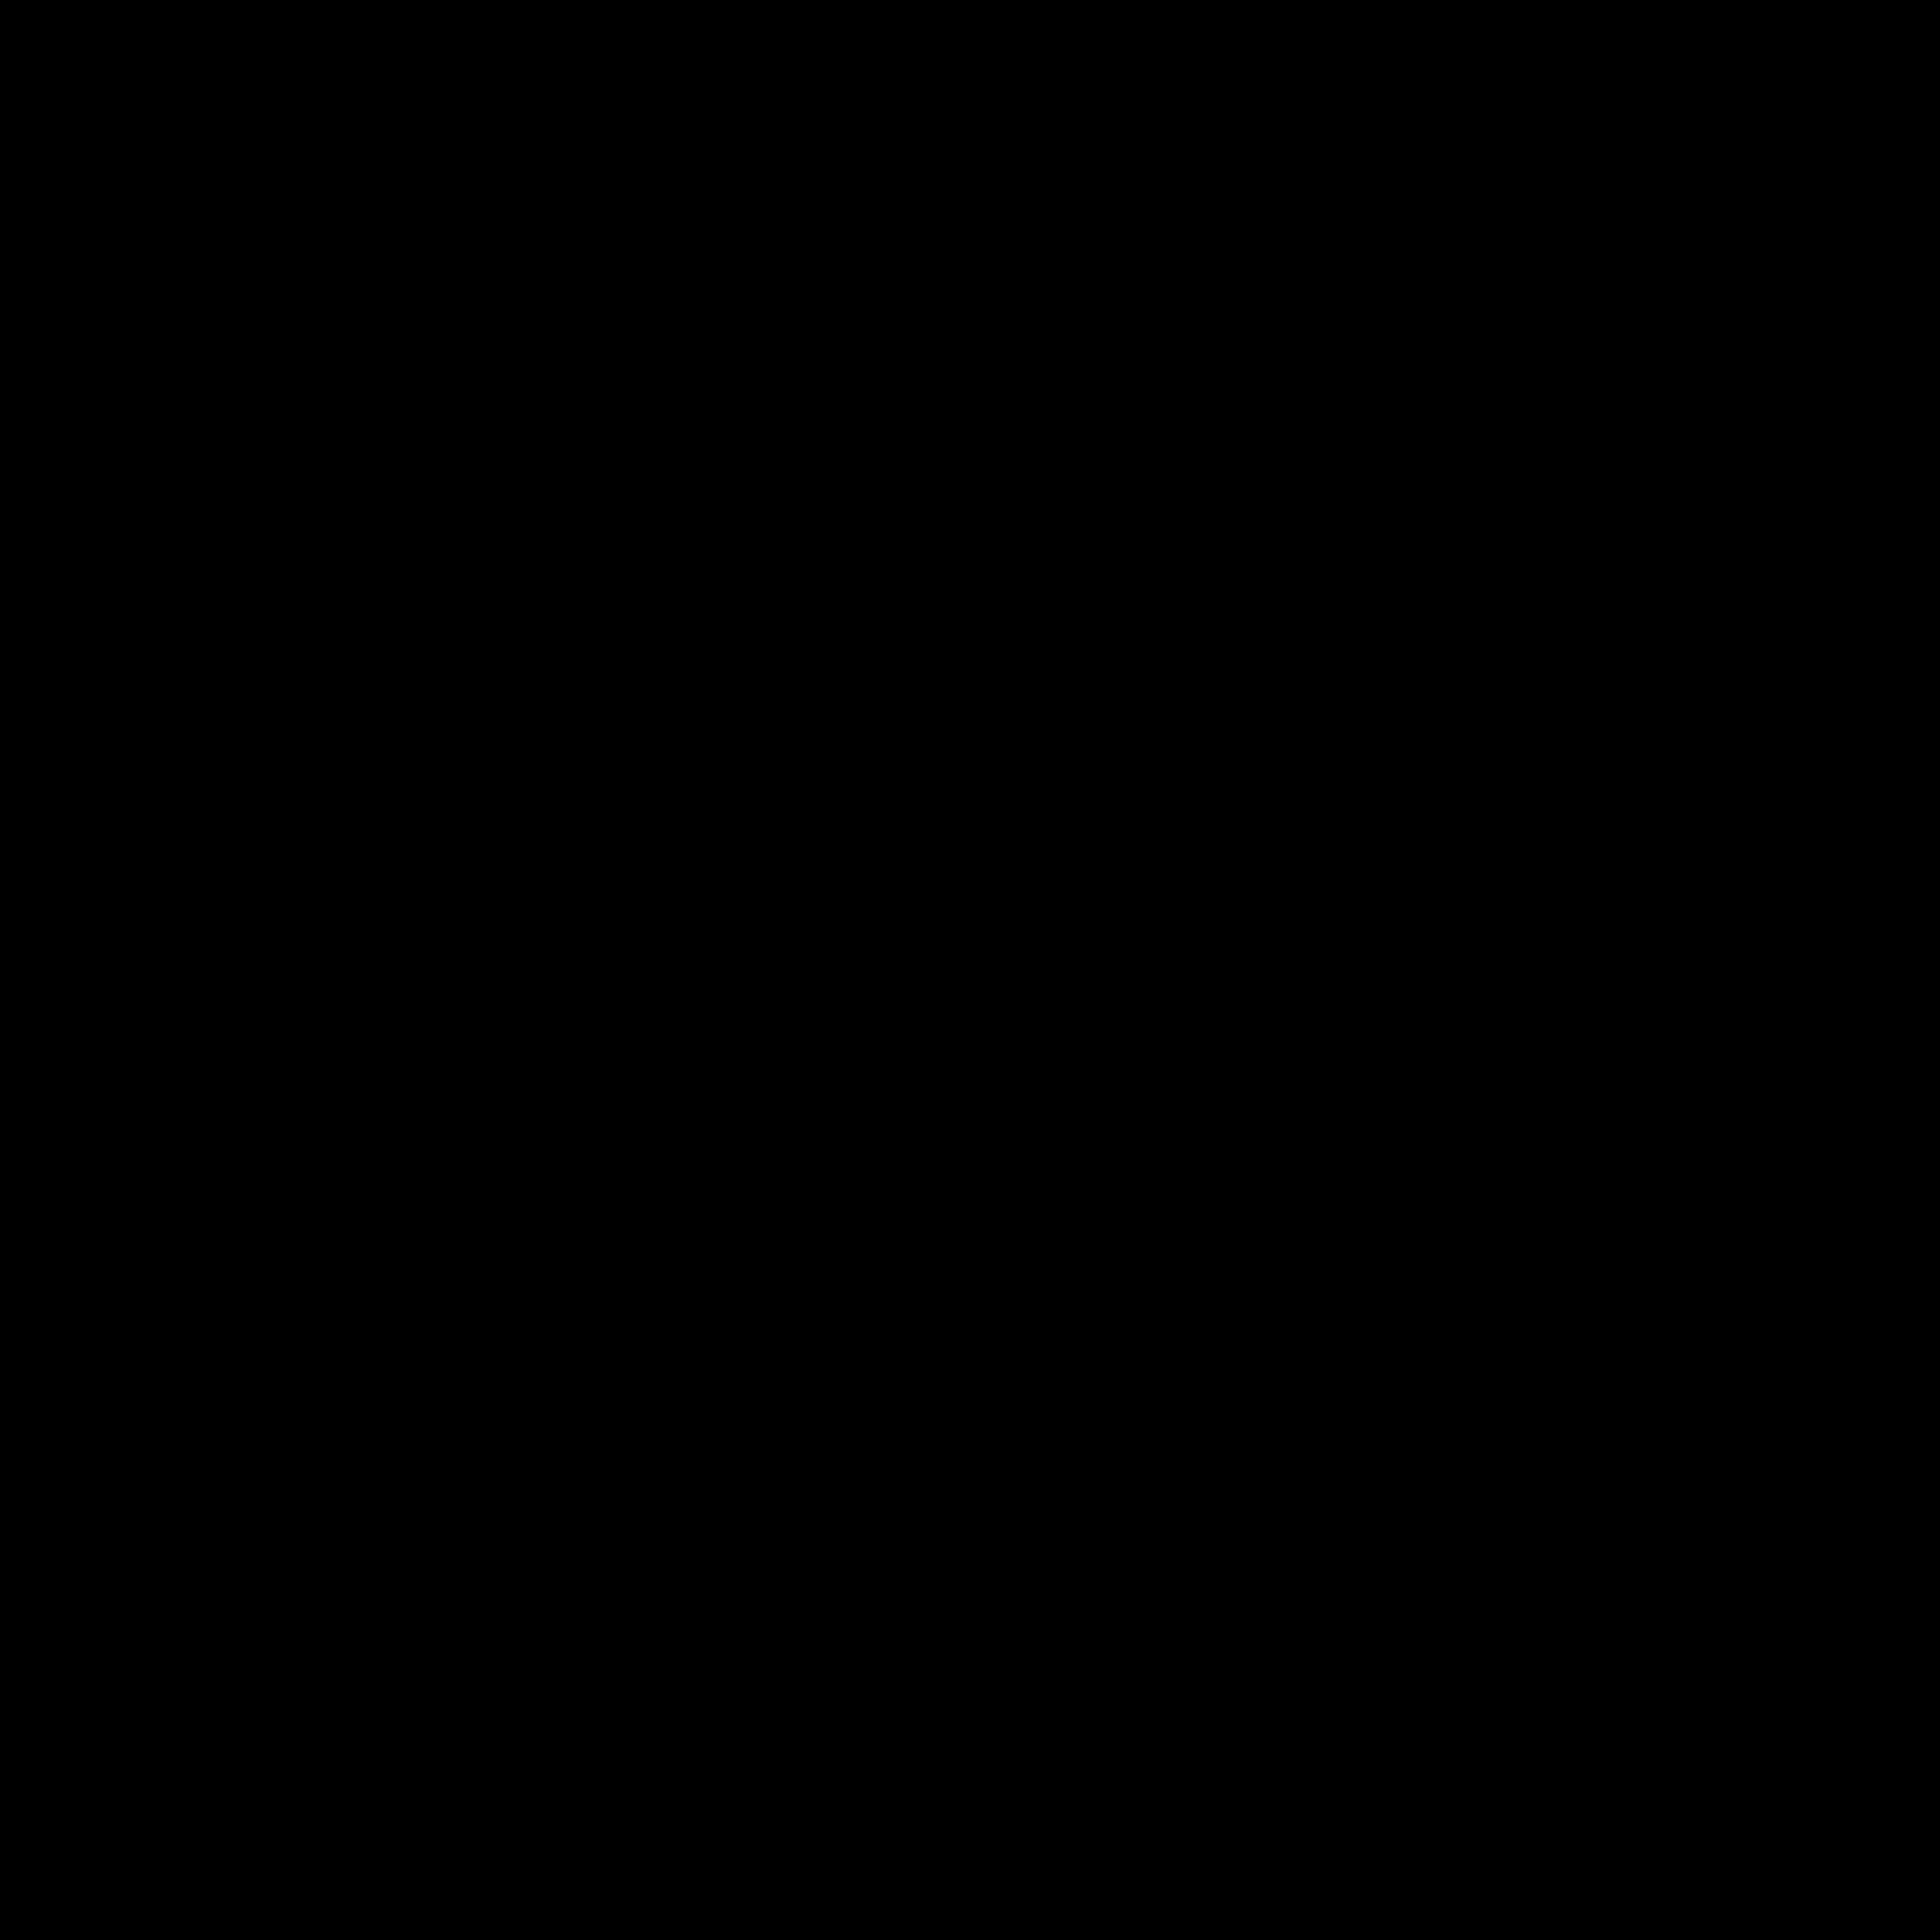 Twenty-One New Resiliency Fund Grants Awarded